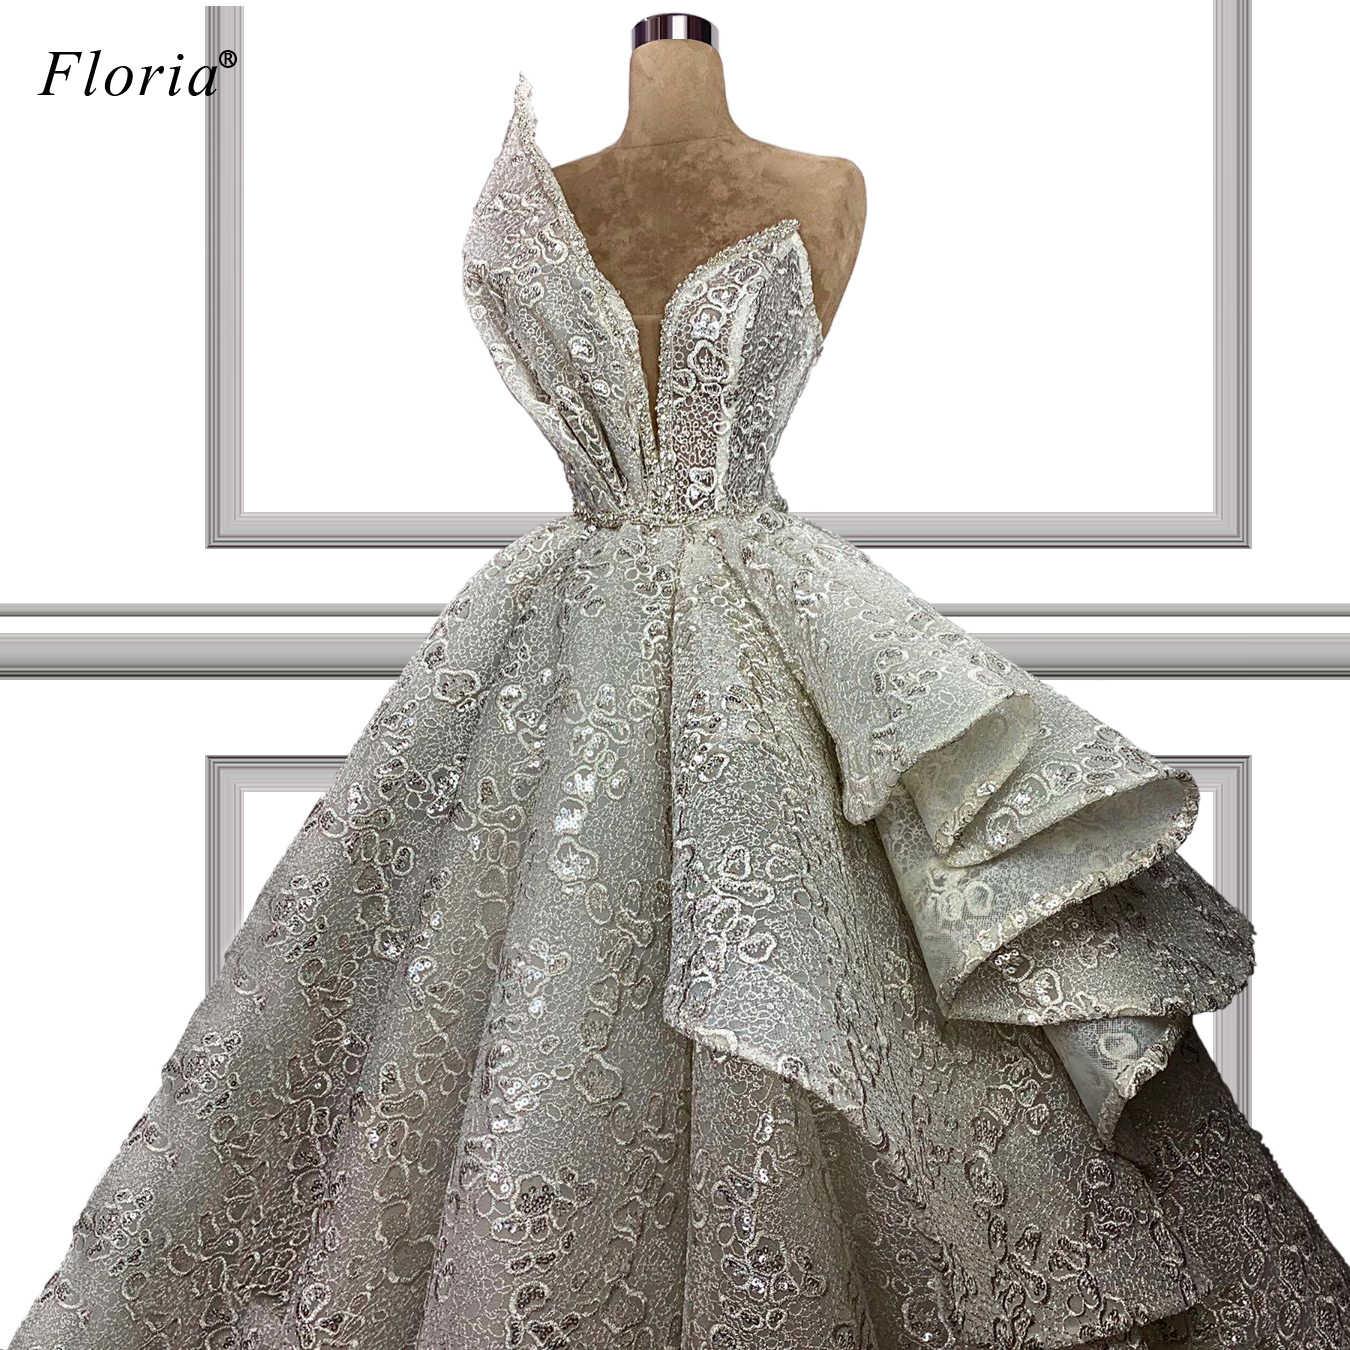 Специальное серое платье знаменитости 2020 A-Line без бретелек строгое вечернее платье женские вечерние платья Longue свадебные вечерние платья